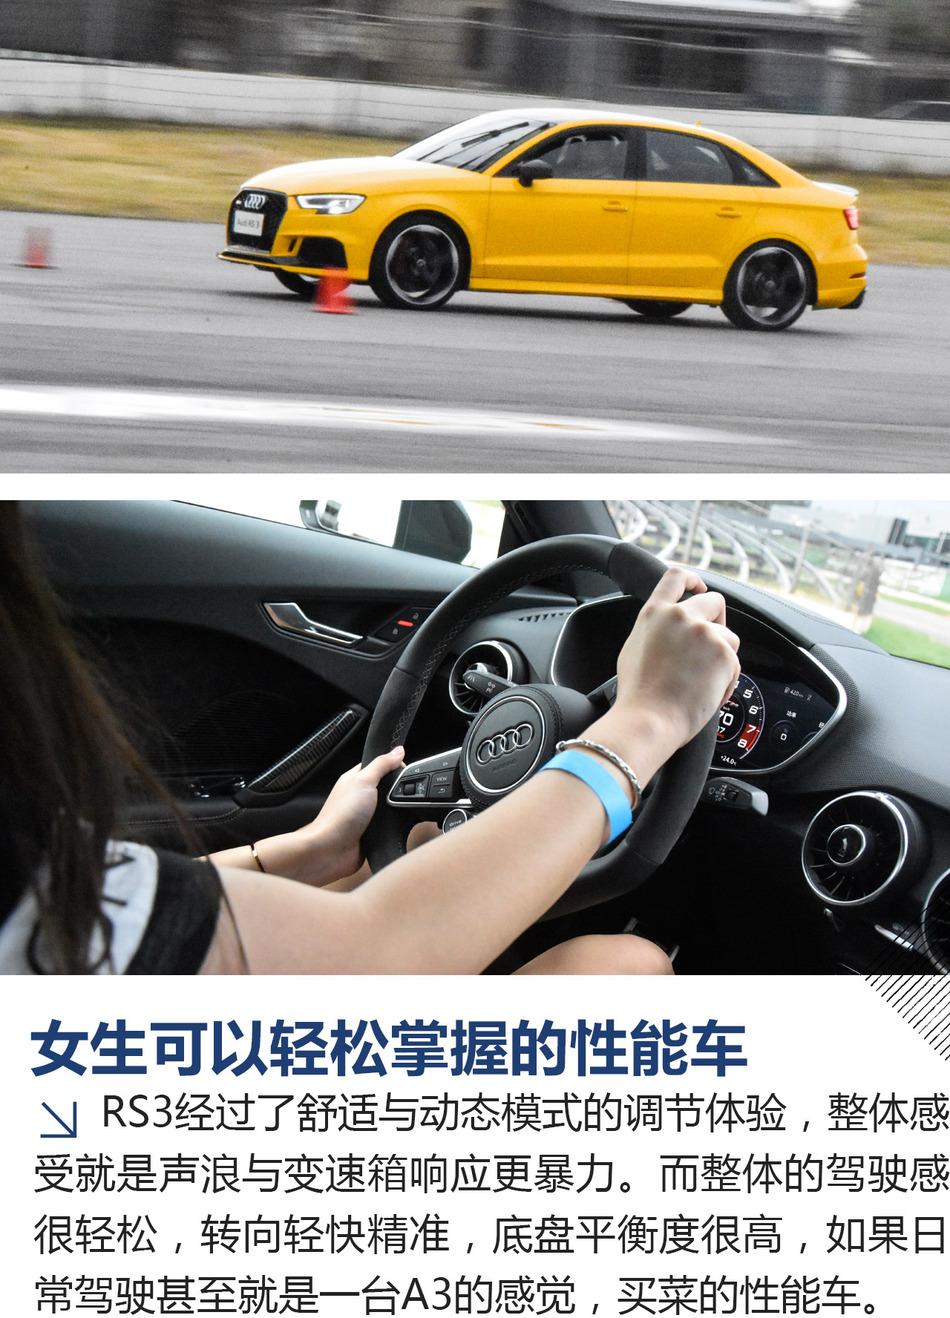 赛道试驾奥迪RS3 Limousine